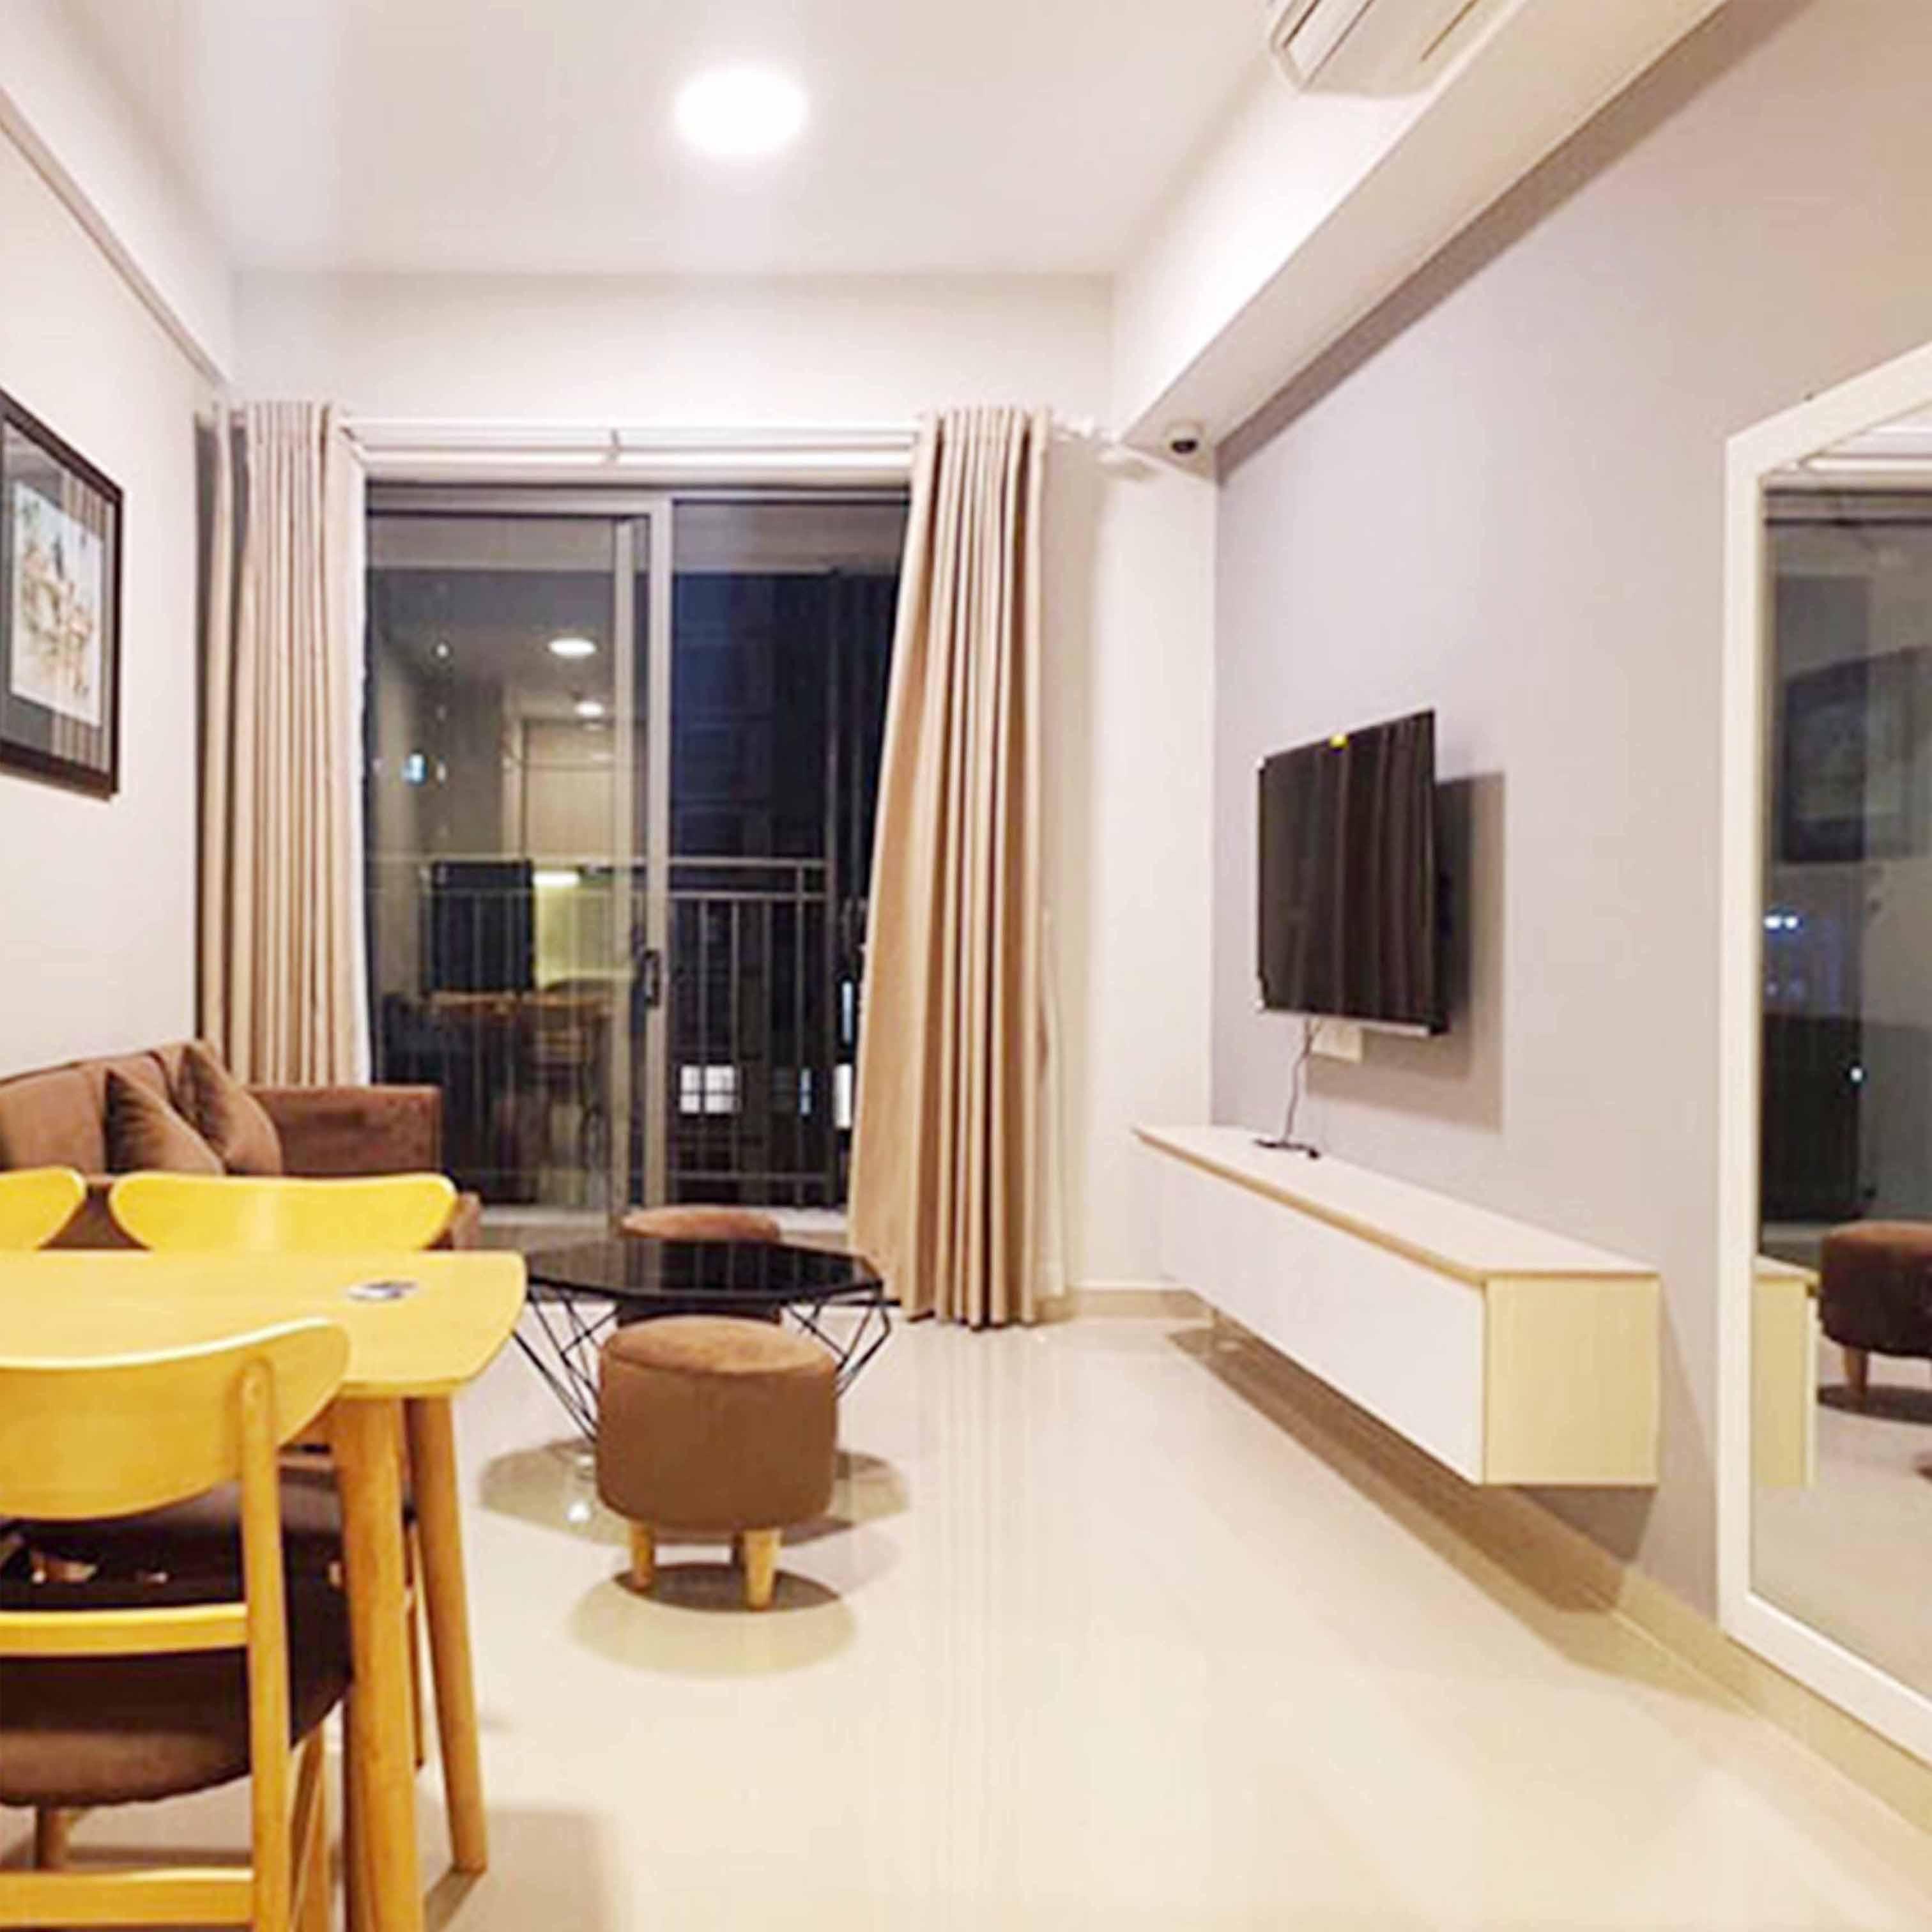 Công  trình thiết kế và thi công căn hộ tại chung cư ở Cầu Giấy - TK12LHFU